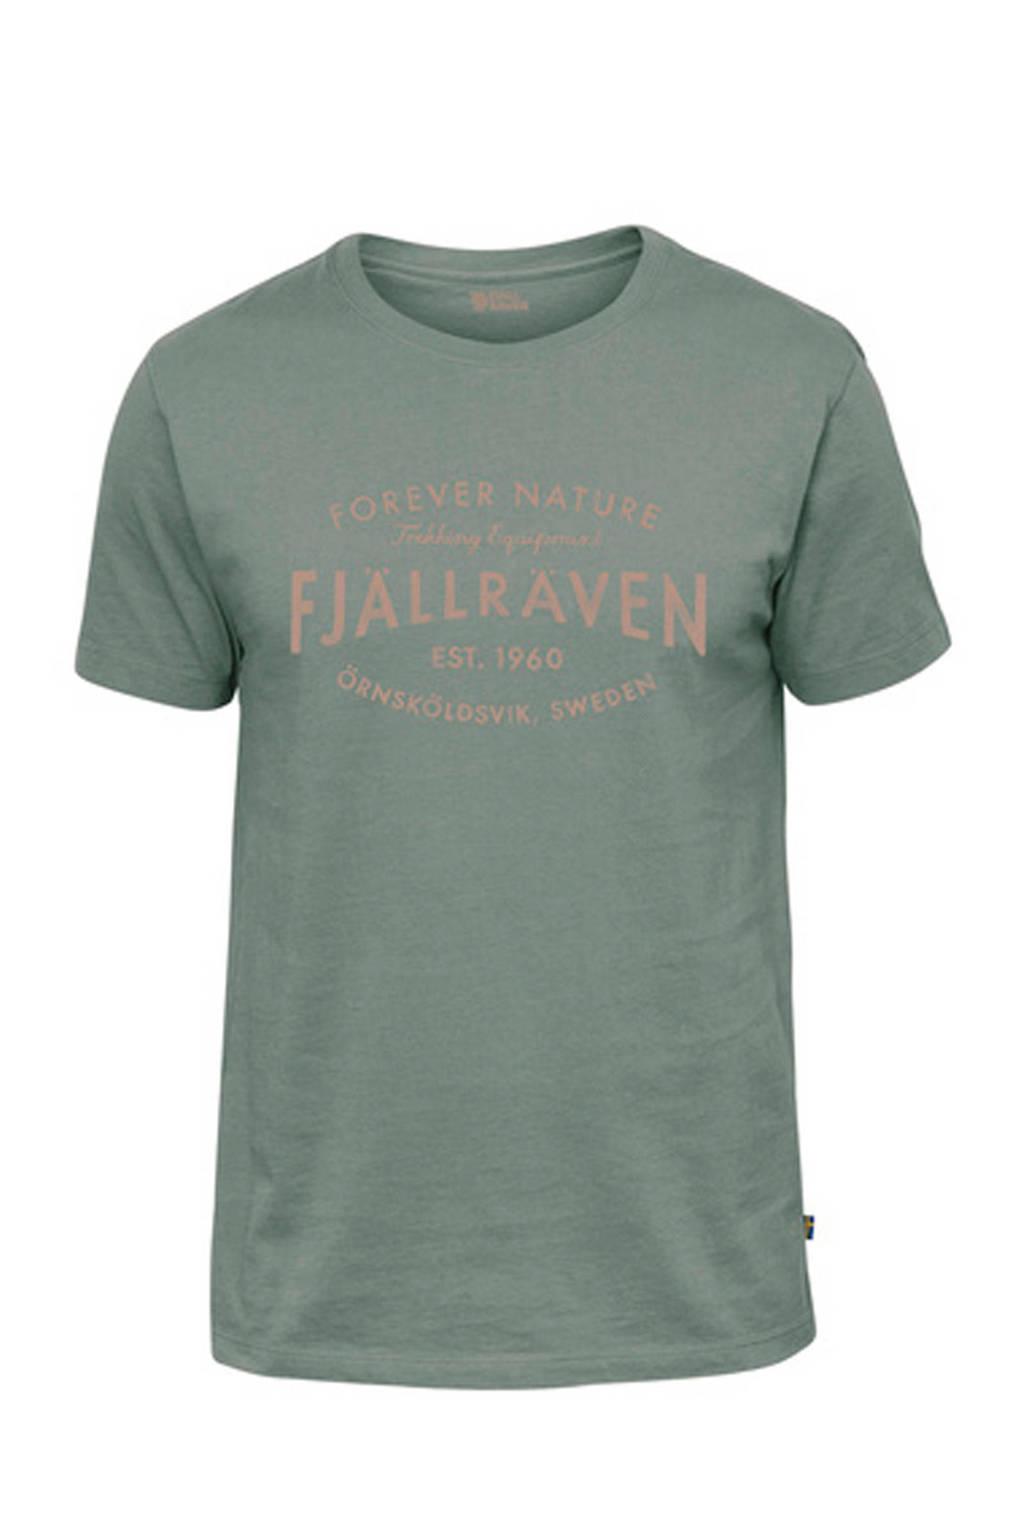 Fjällräven T-shirt groen, Sage Green